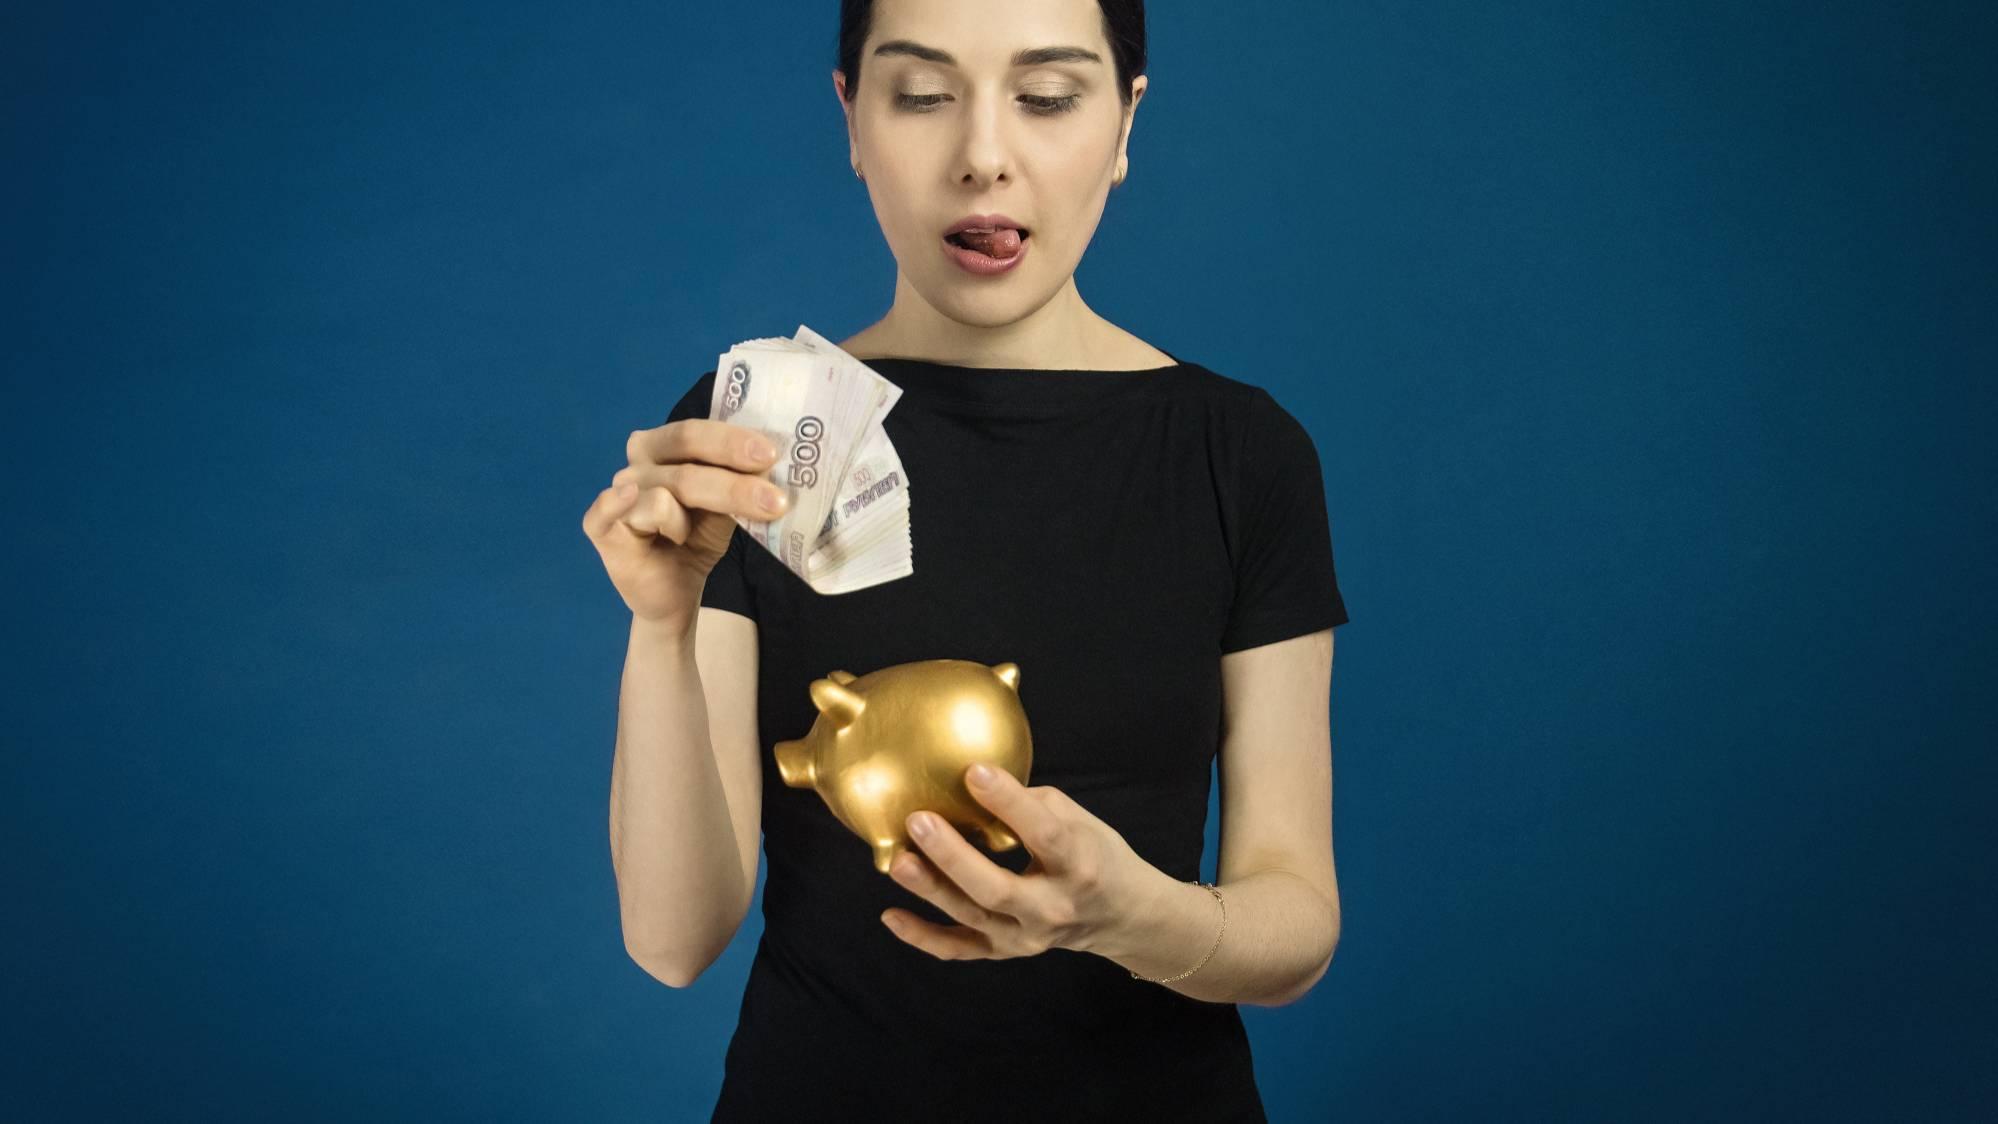 Гонка сбережений. Куда вкладывать деньги в 2021 году